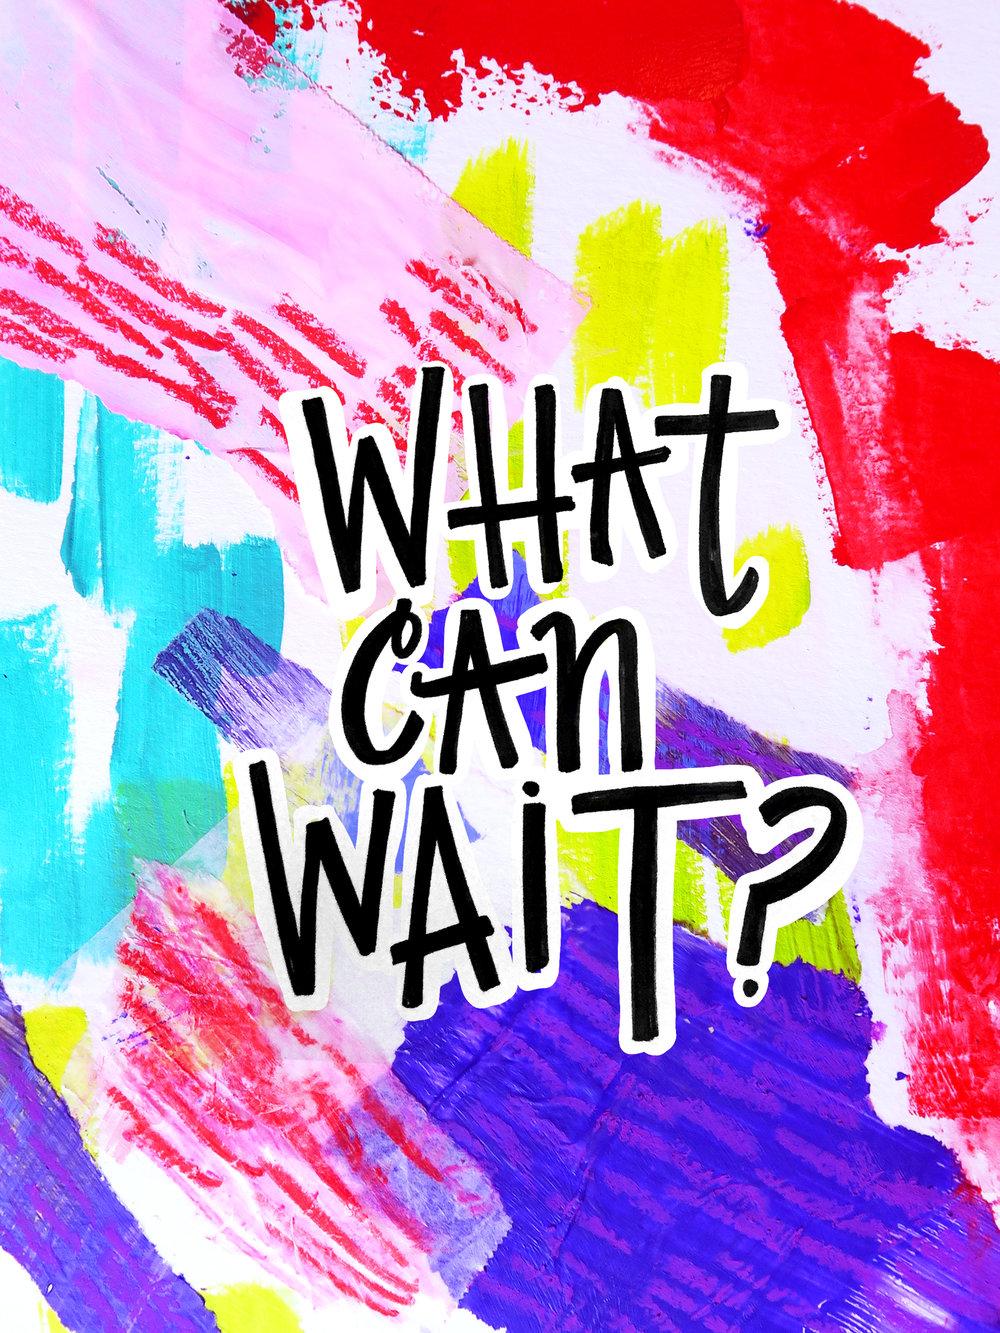 8/27/16: Wait